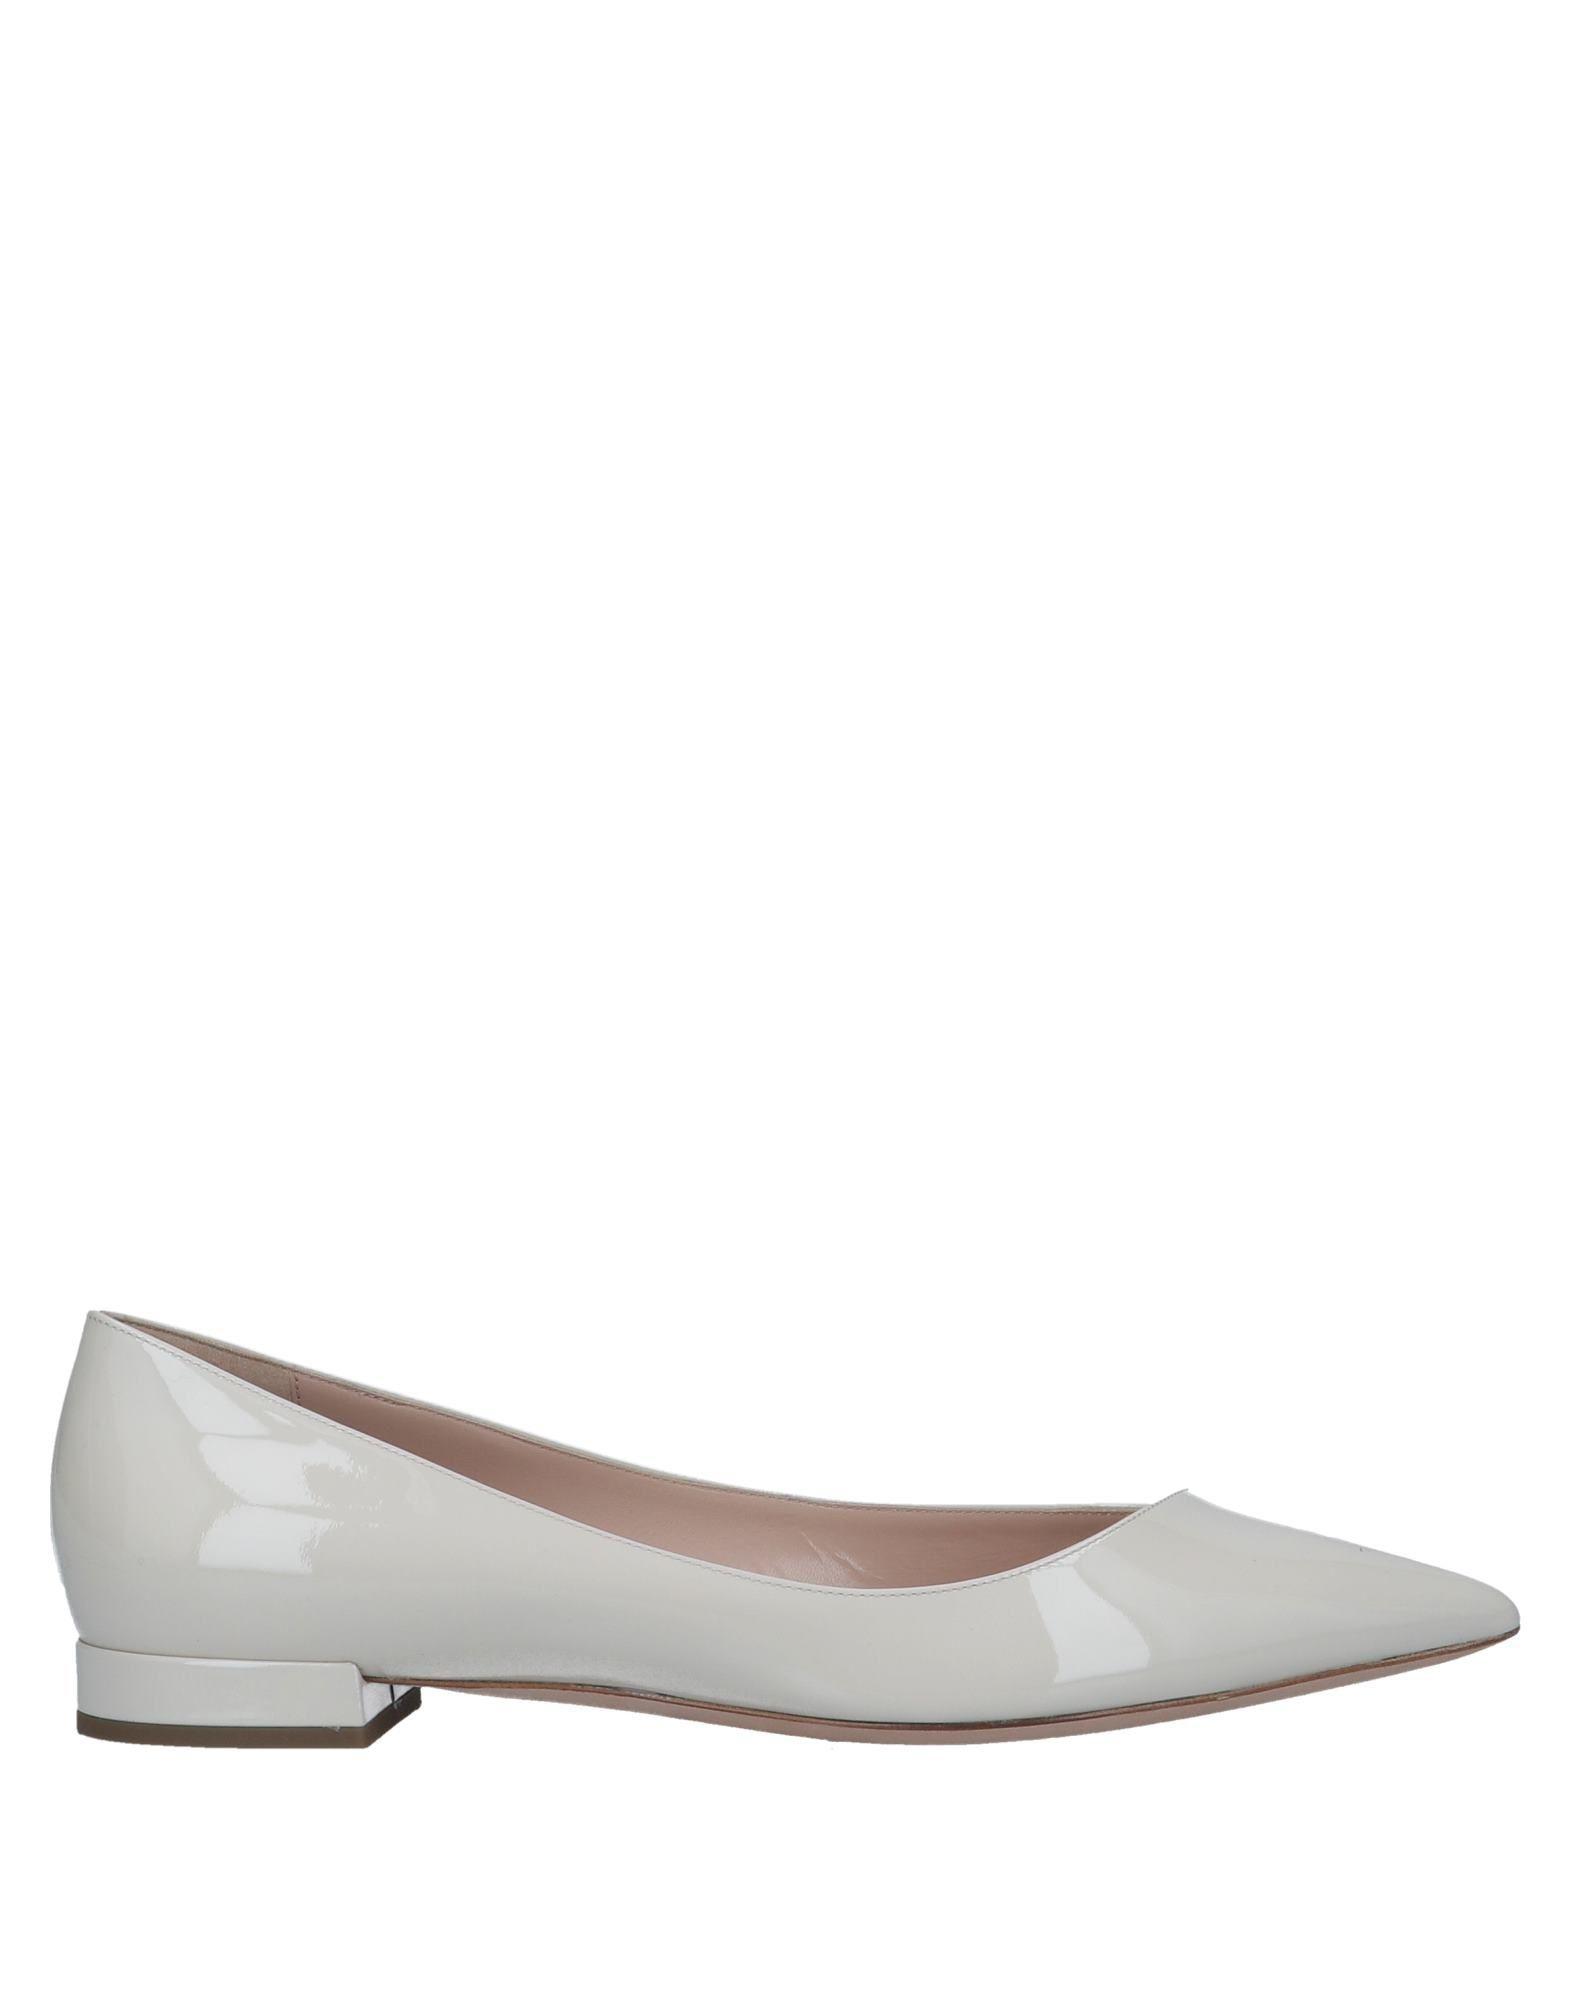 11ce0ca1390b5 Giorgio Armani Ballet Flats in White - Lyst